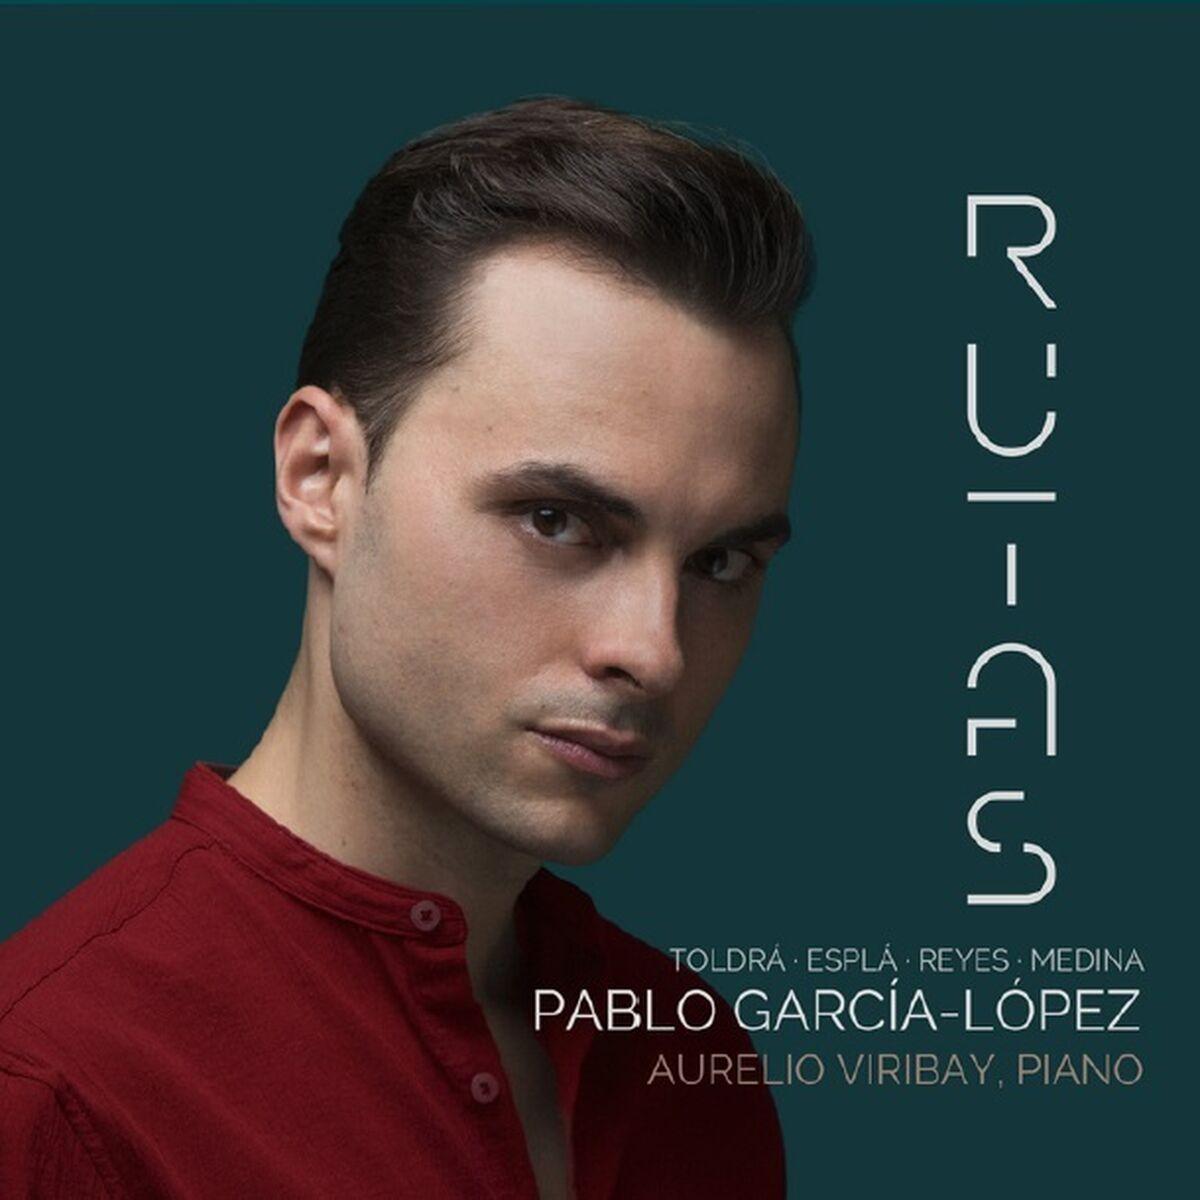 Rutas - Pablo García-López